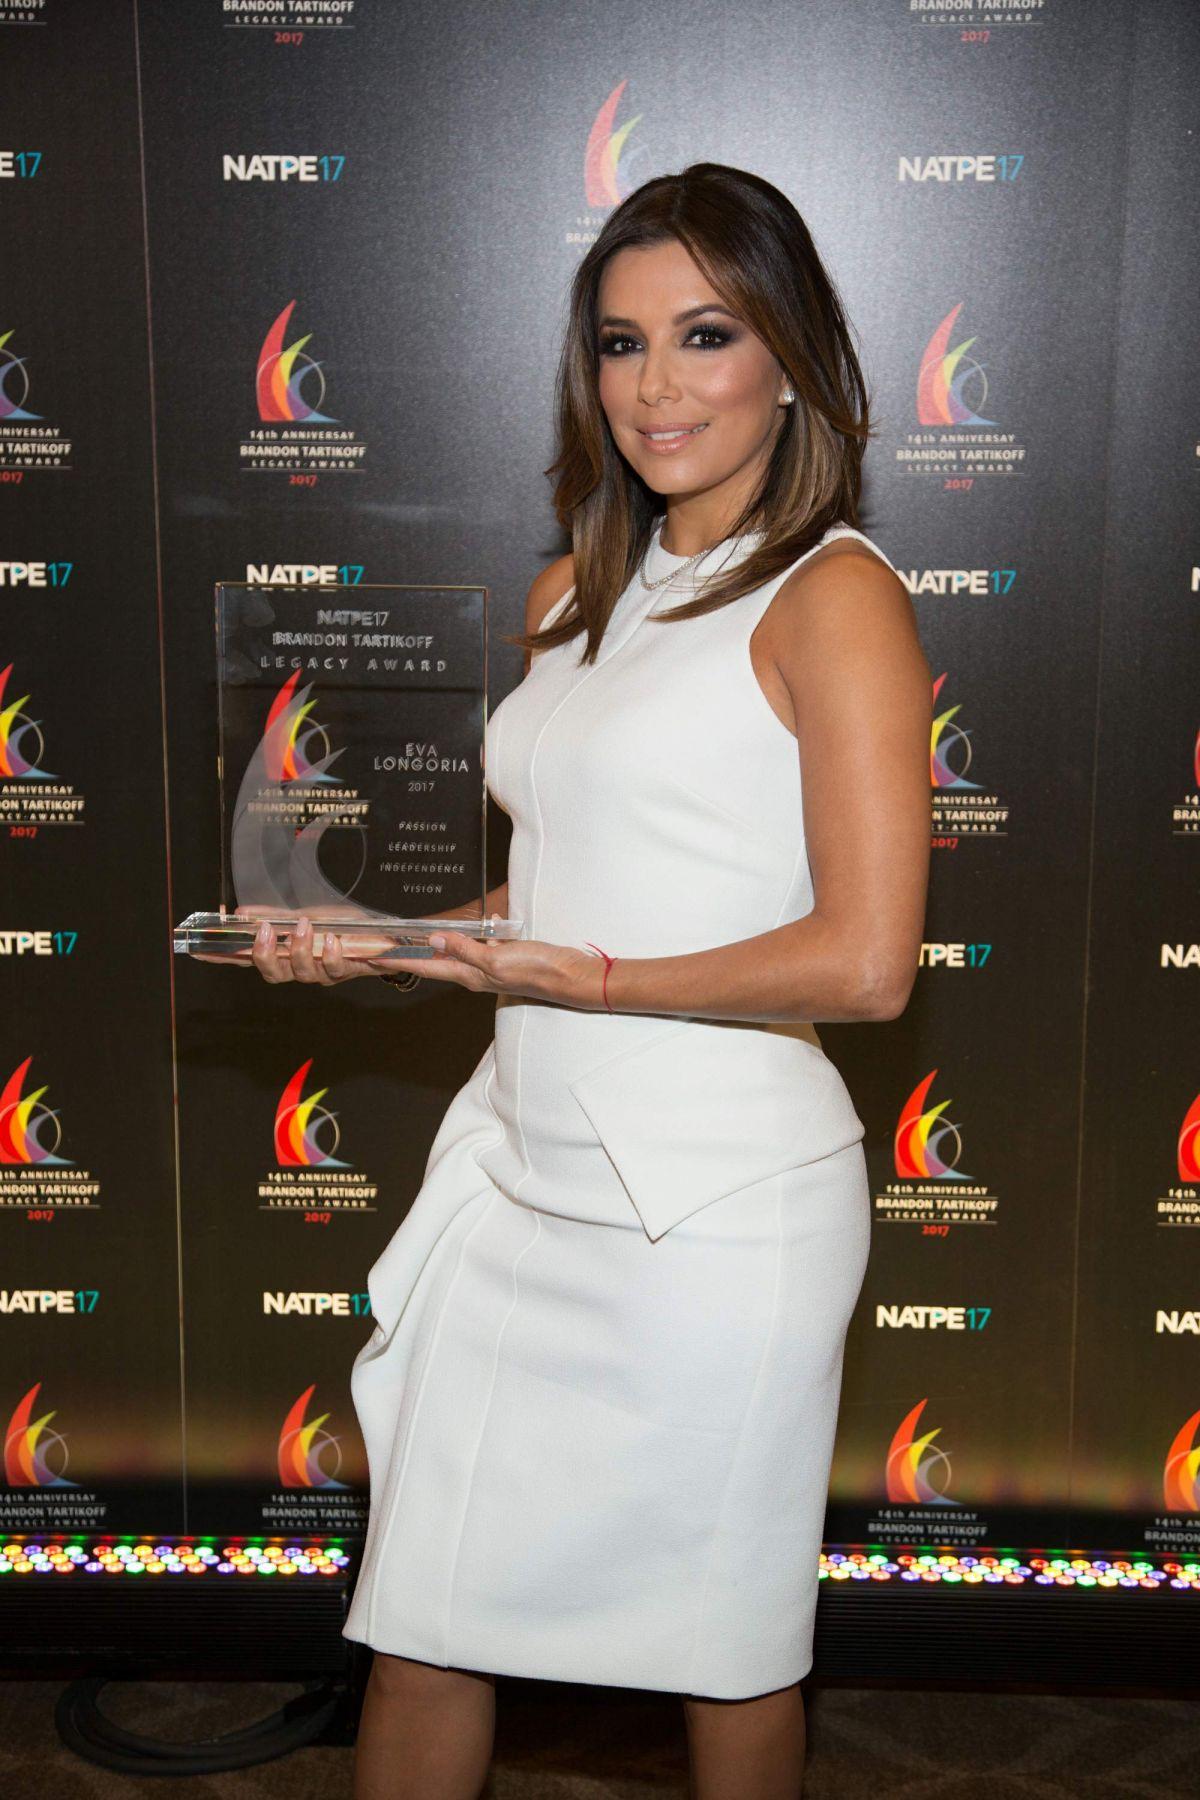 EVA LONGORIA at Natpe Brandon Tartikoff Legacy Award Ceremony in Miami 01/18/2017